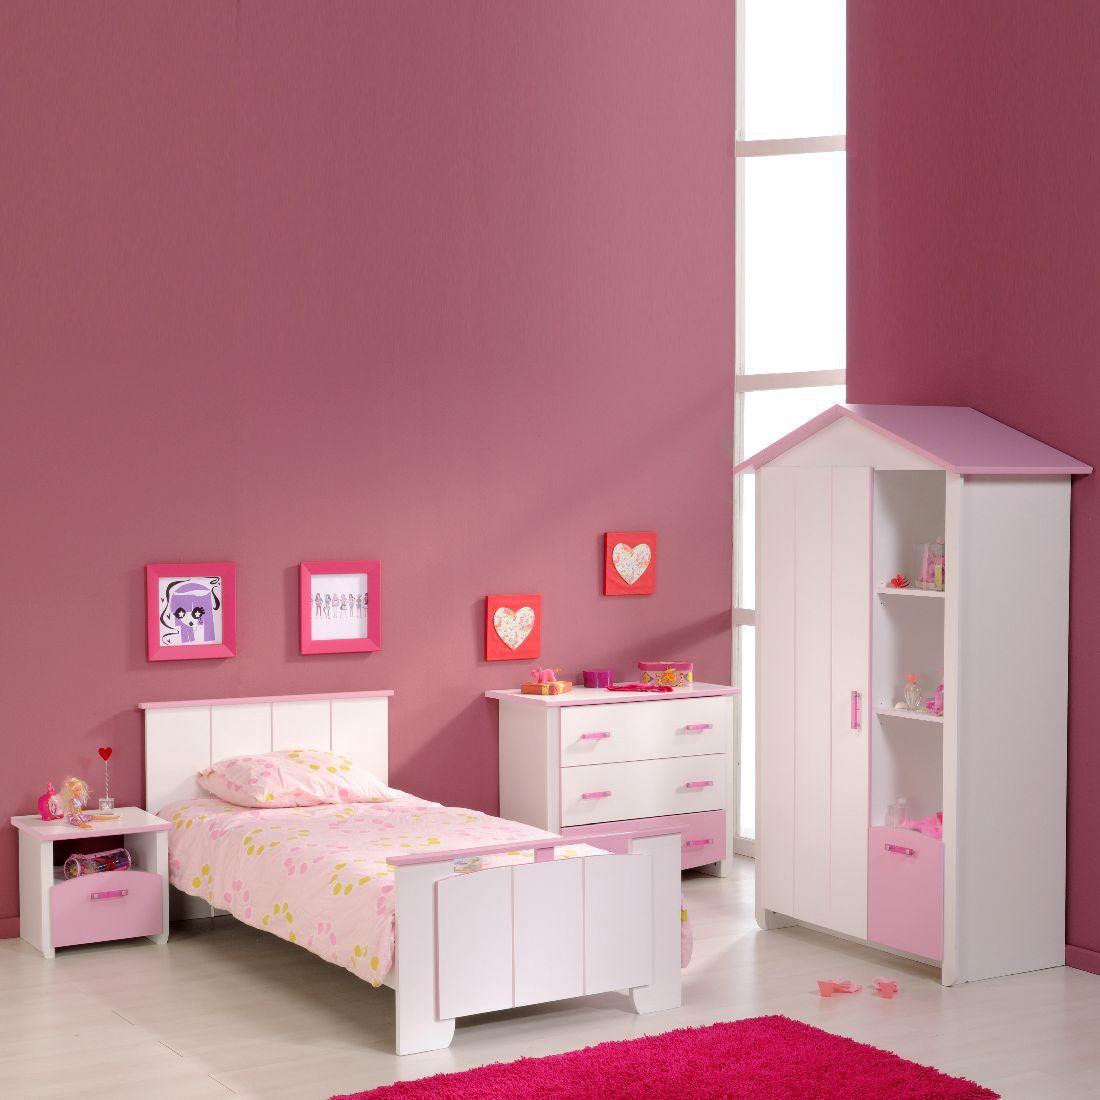 Sparset Biotiful (4-teilig) – Bett, Kleiderschrank, Kommode & Nachttisch – Weiß/Rosa, Parisot Meubles günstig kaufen